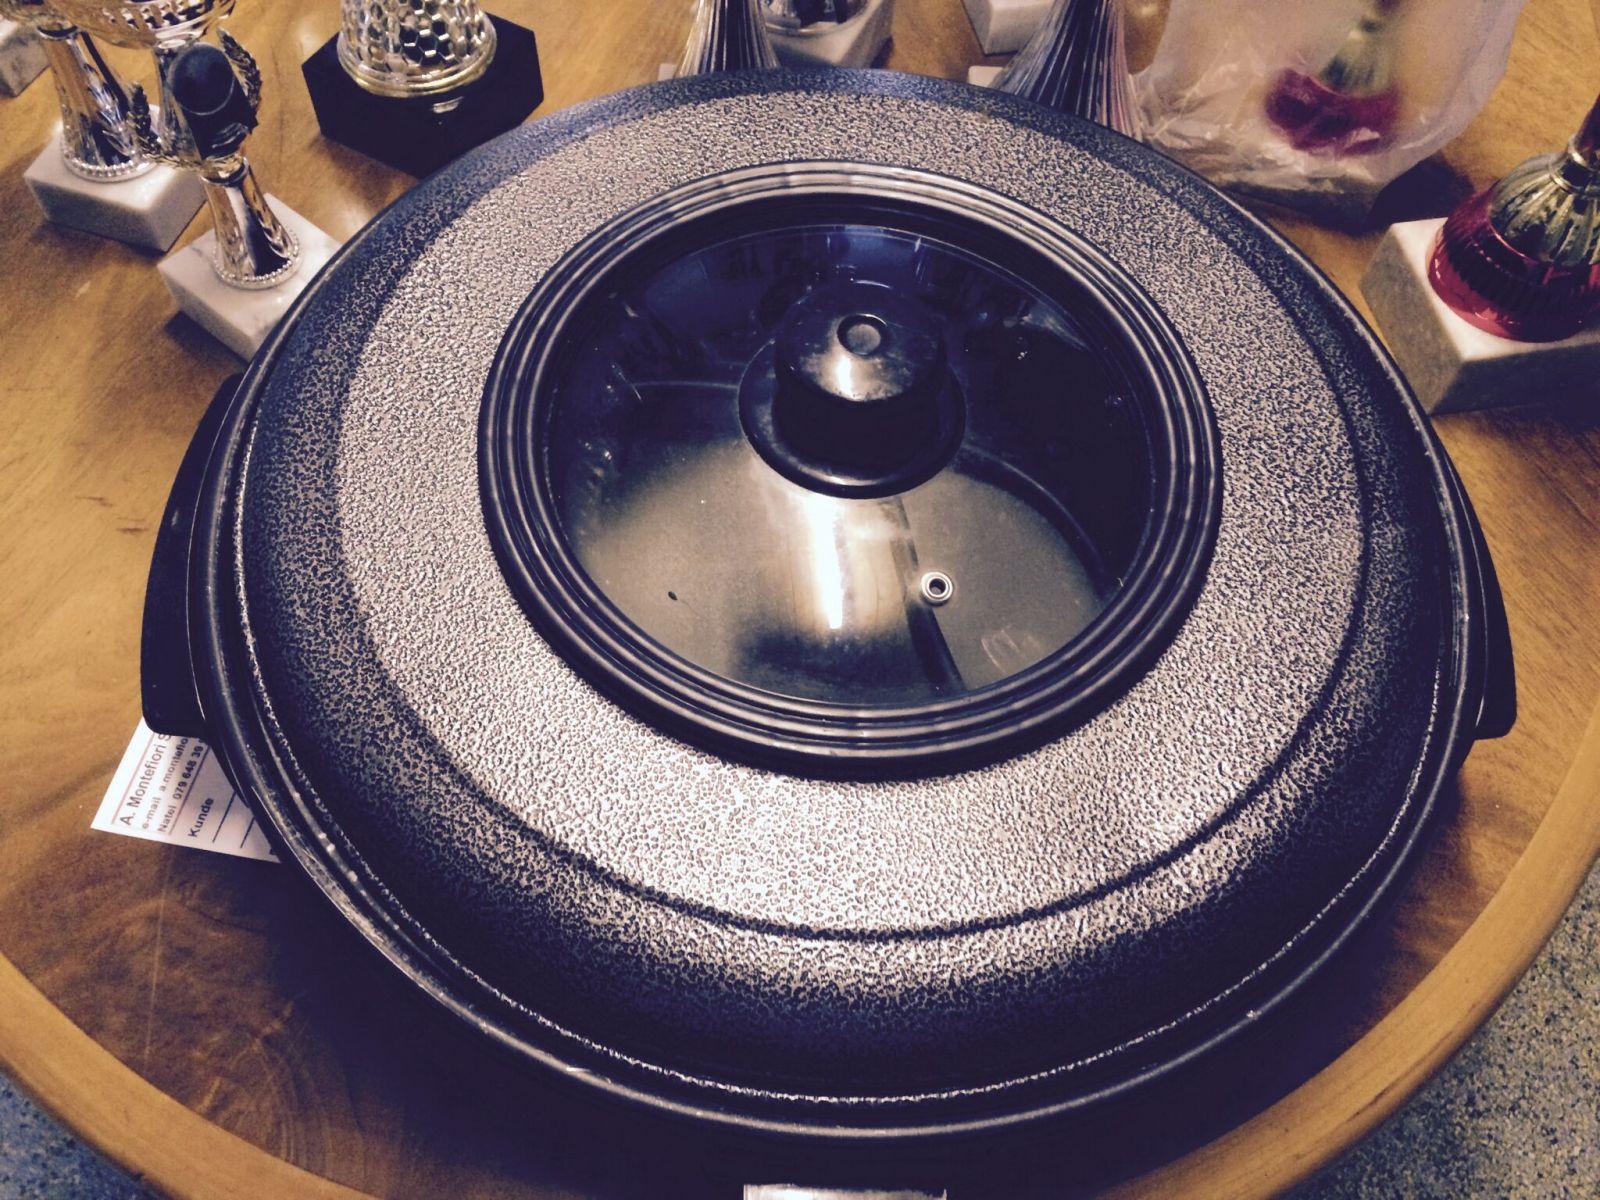 2 Stk.runder Grill - Allzweckeinsatz - Grillieren, Wärmen etc.